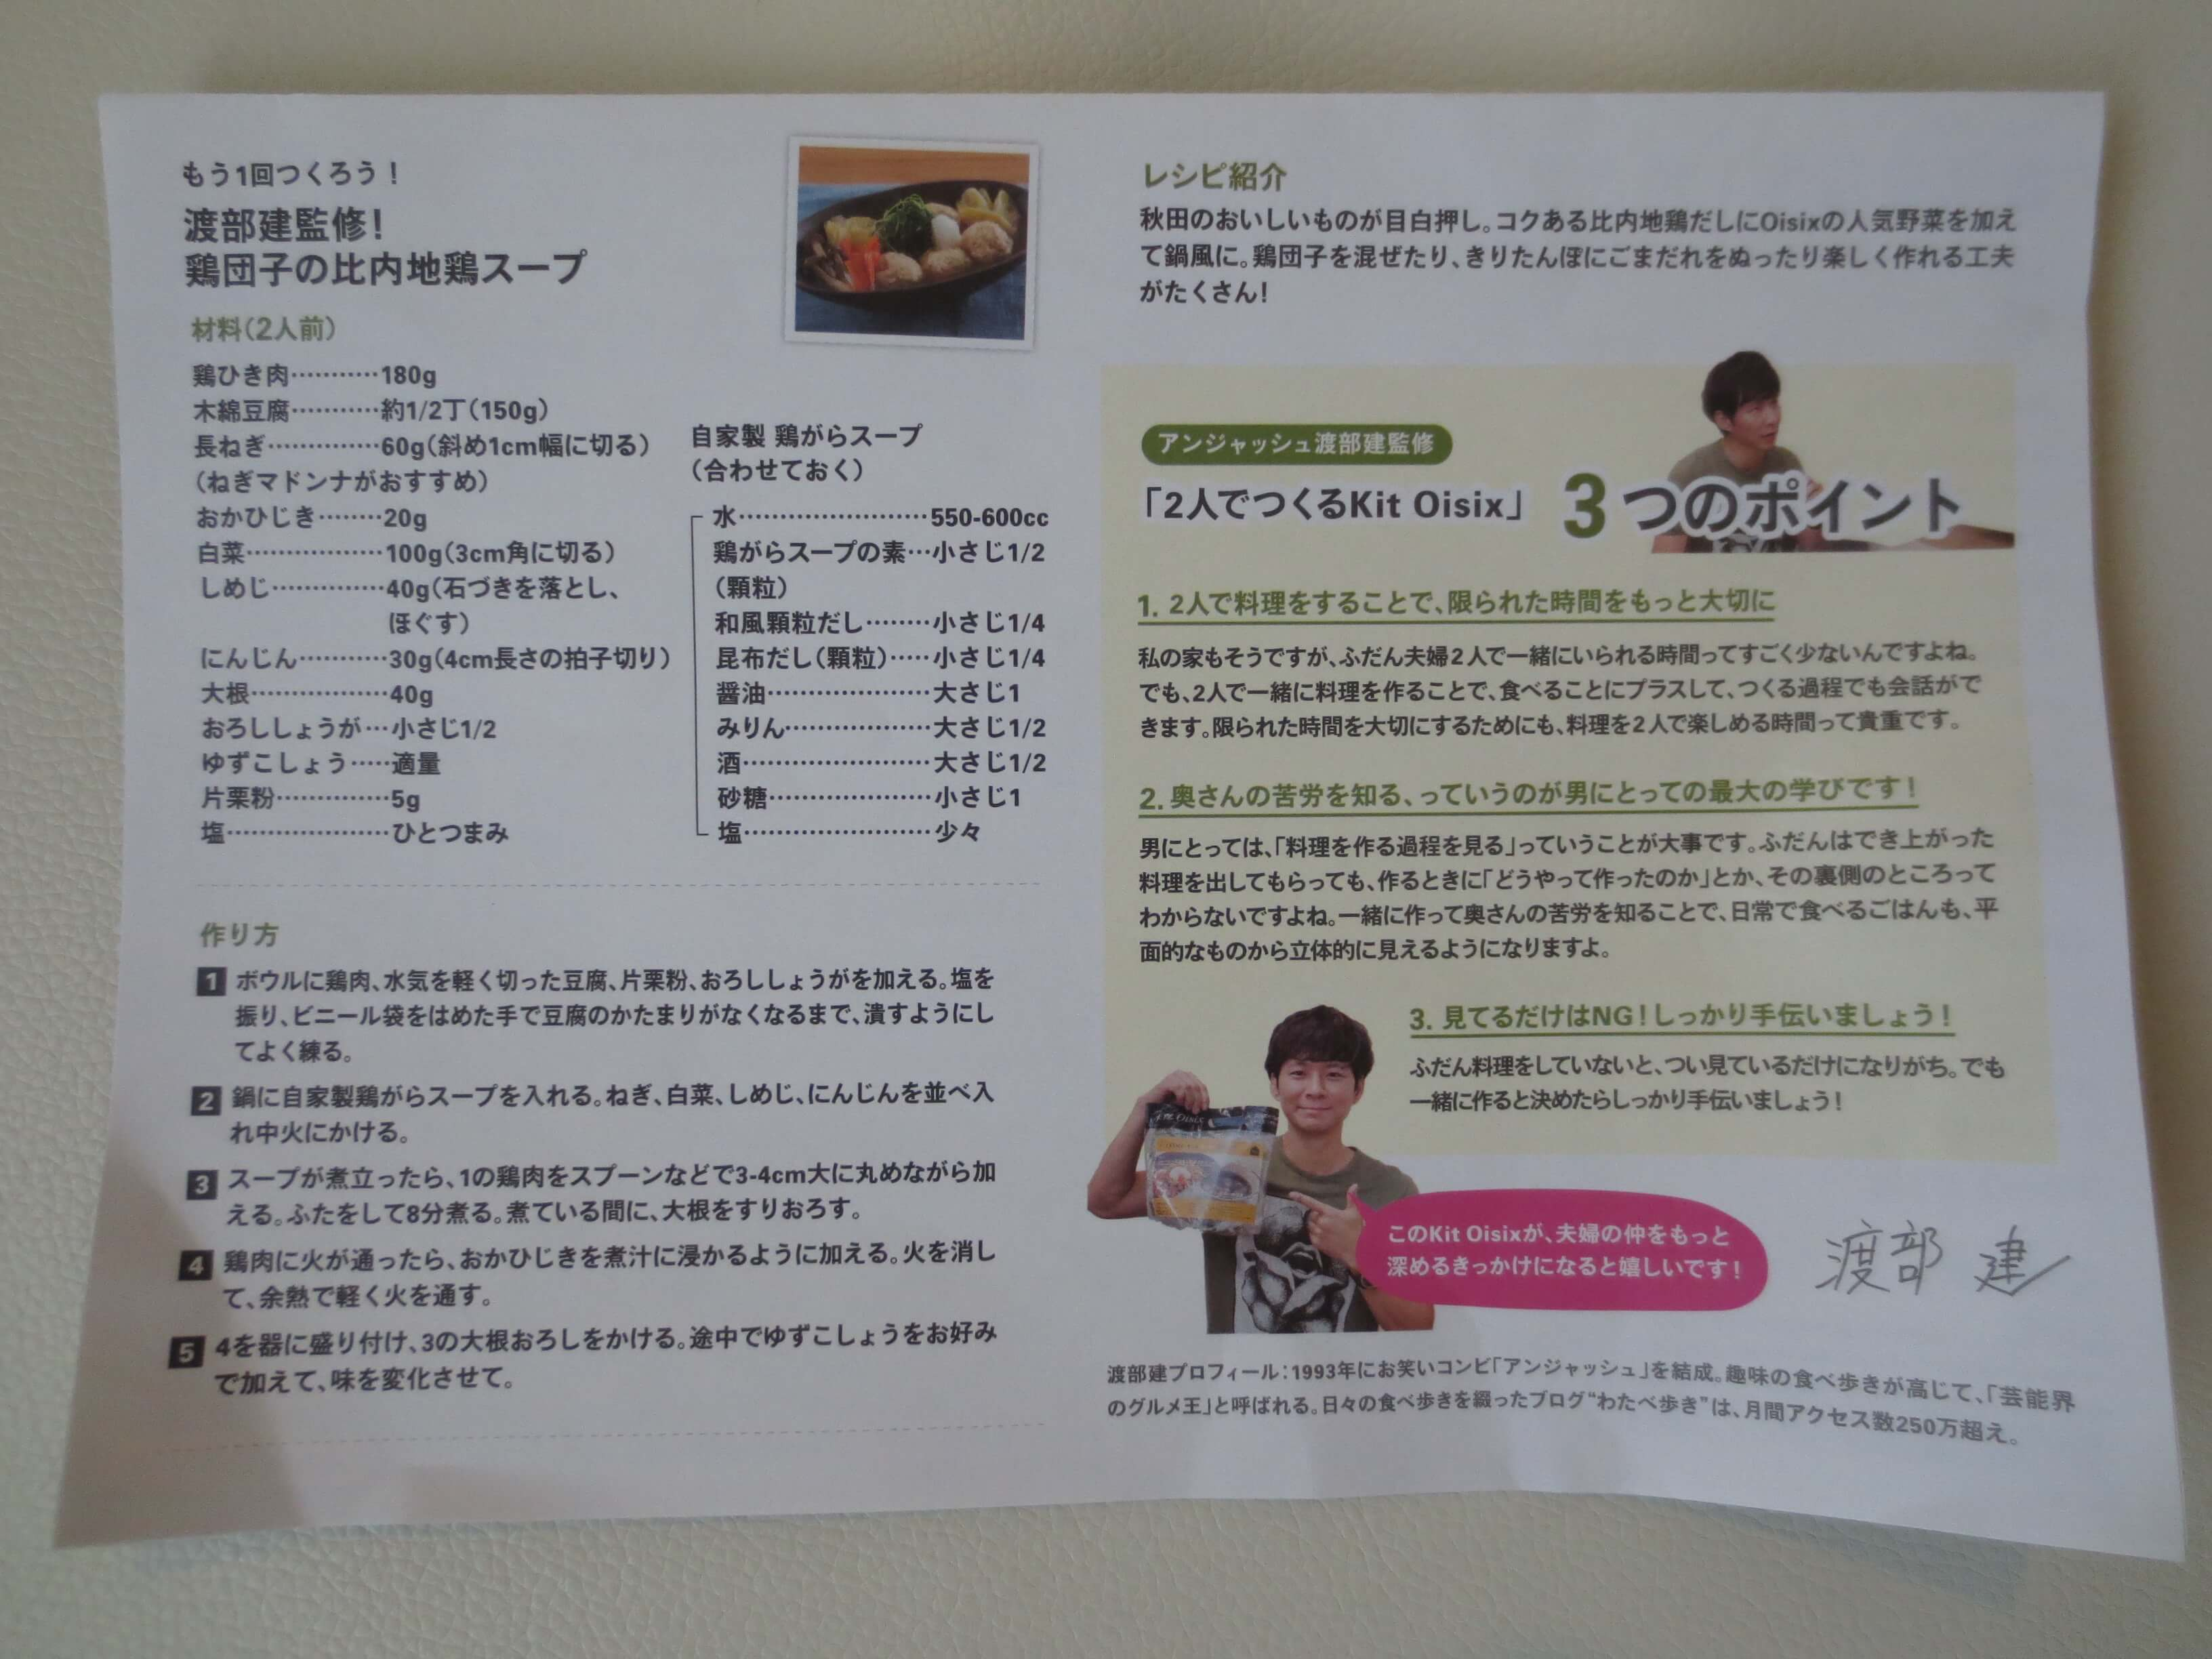 キットオイシックス・渡部健・口コミ・評判6